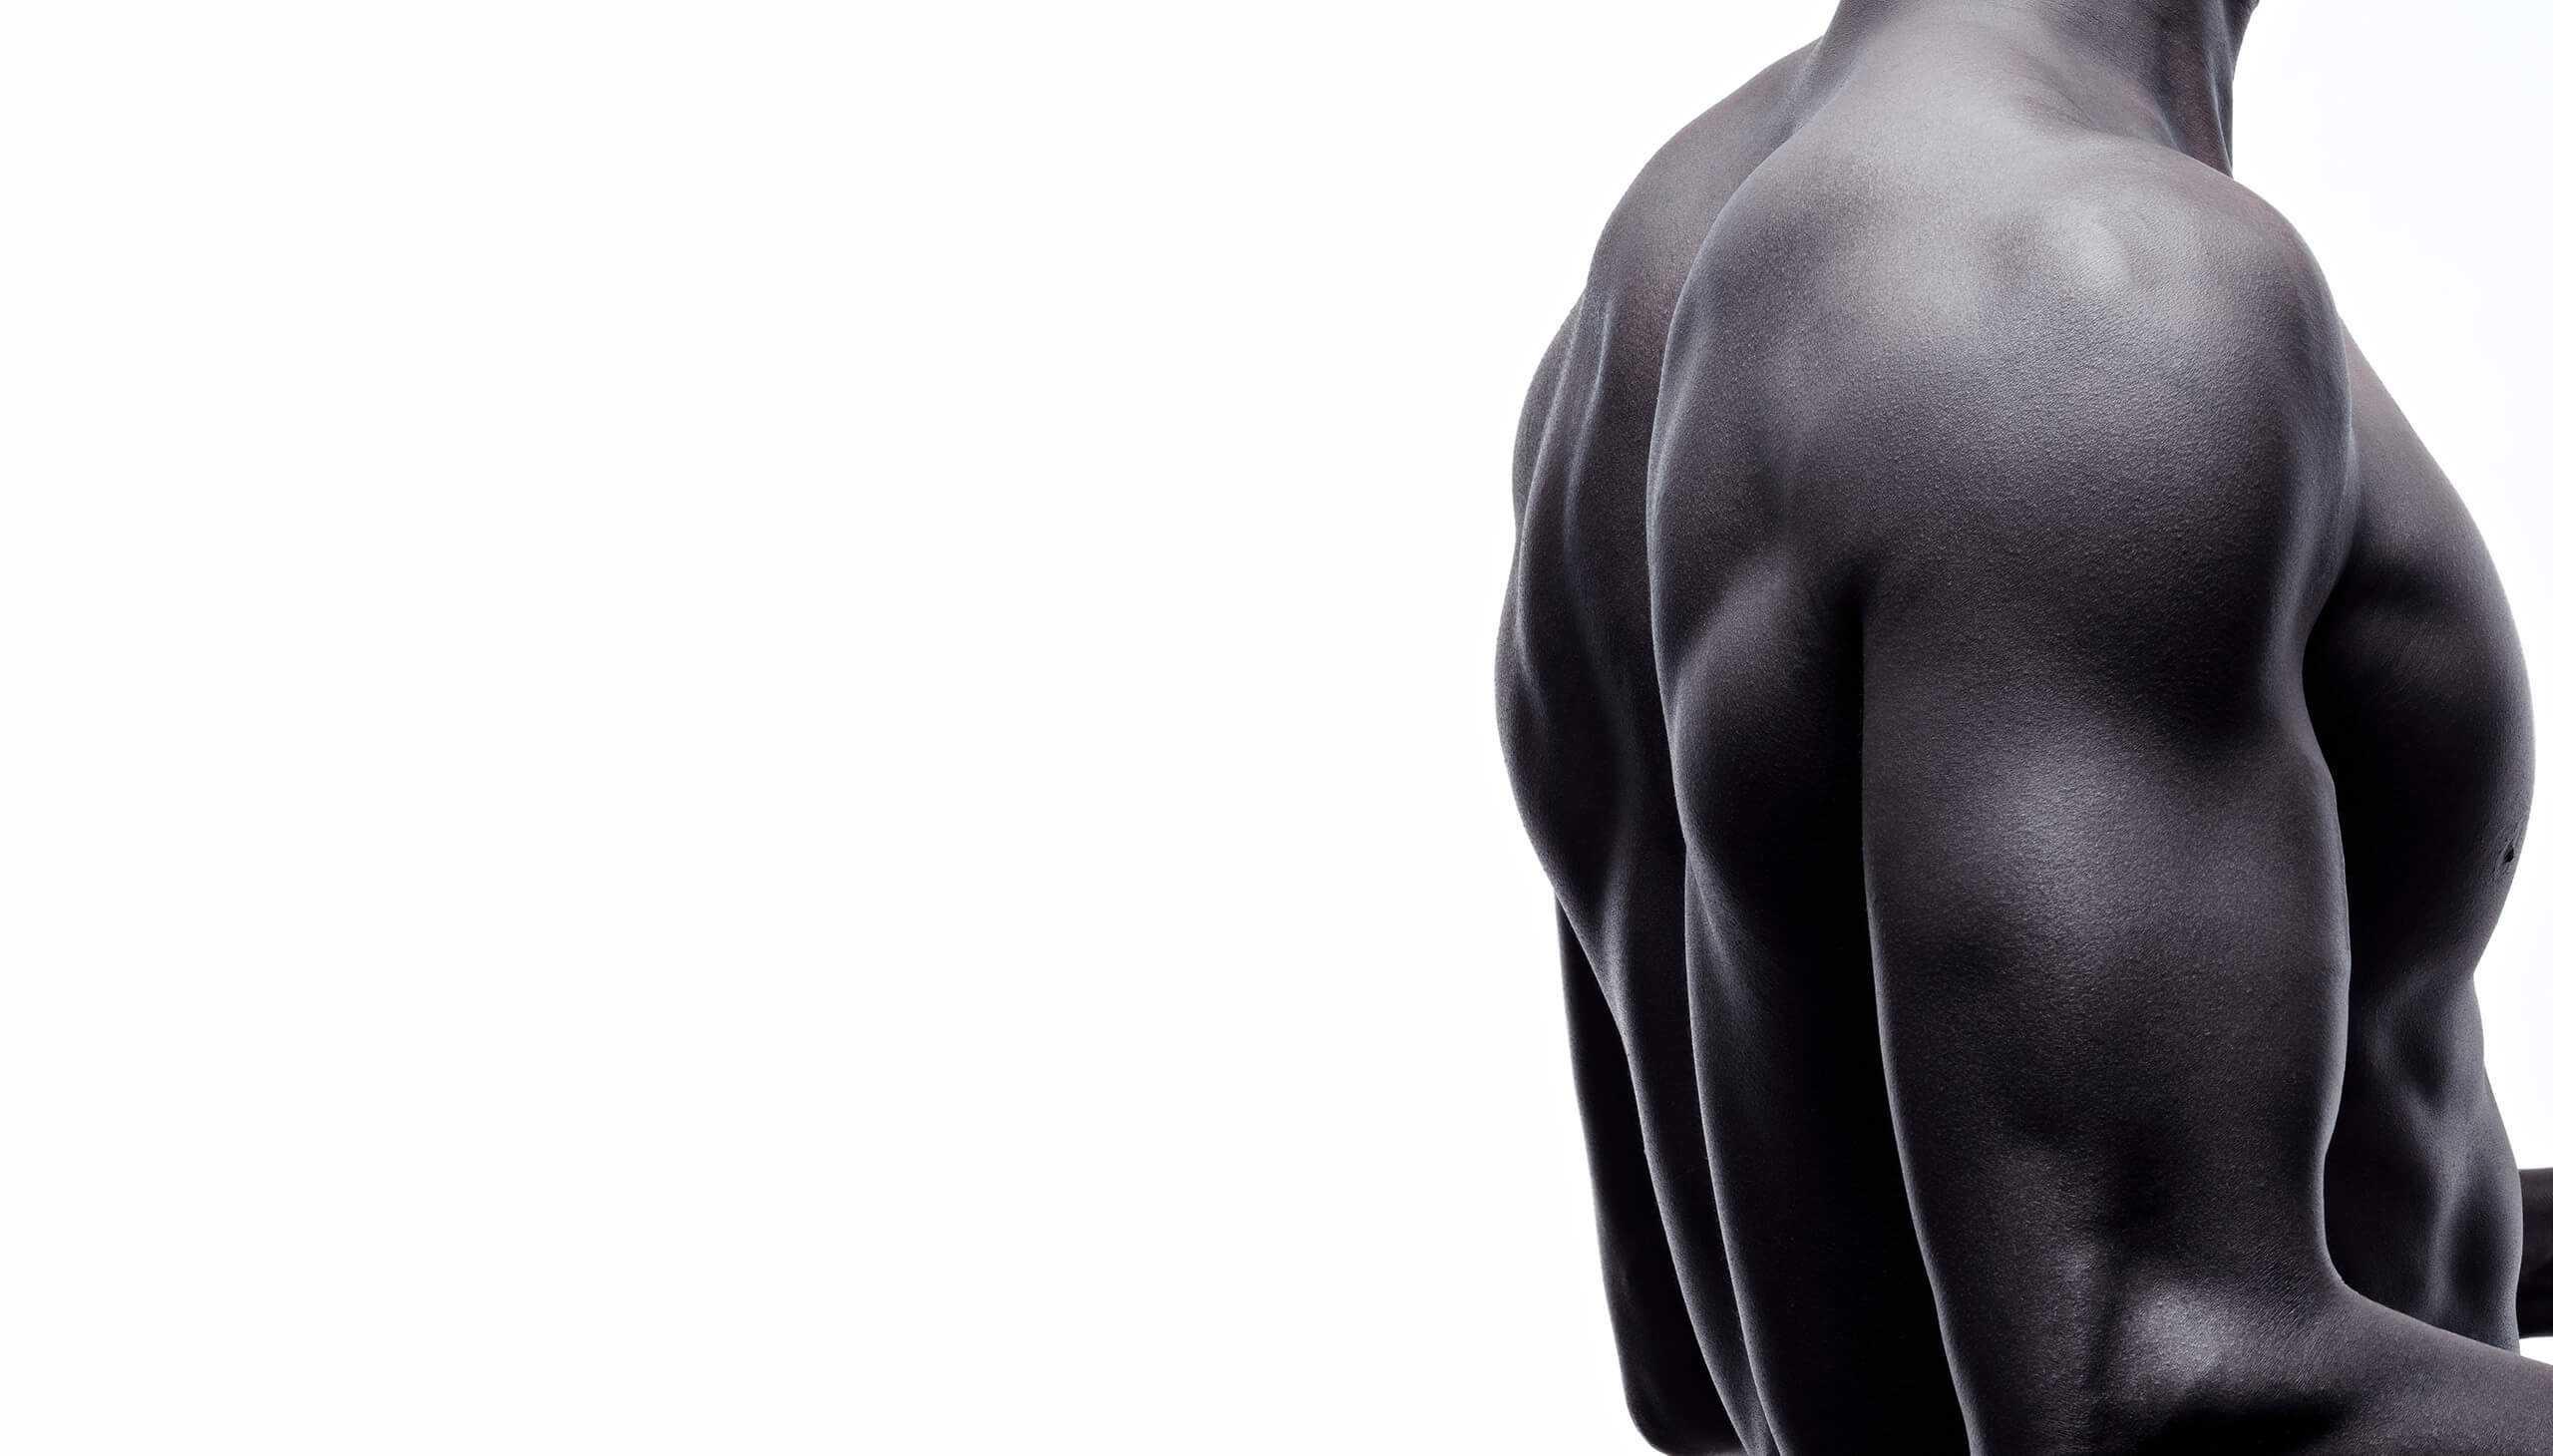 Athletic shoulder - back/side